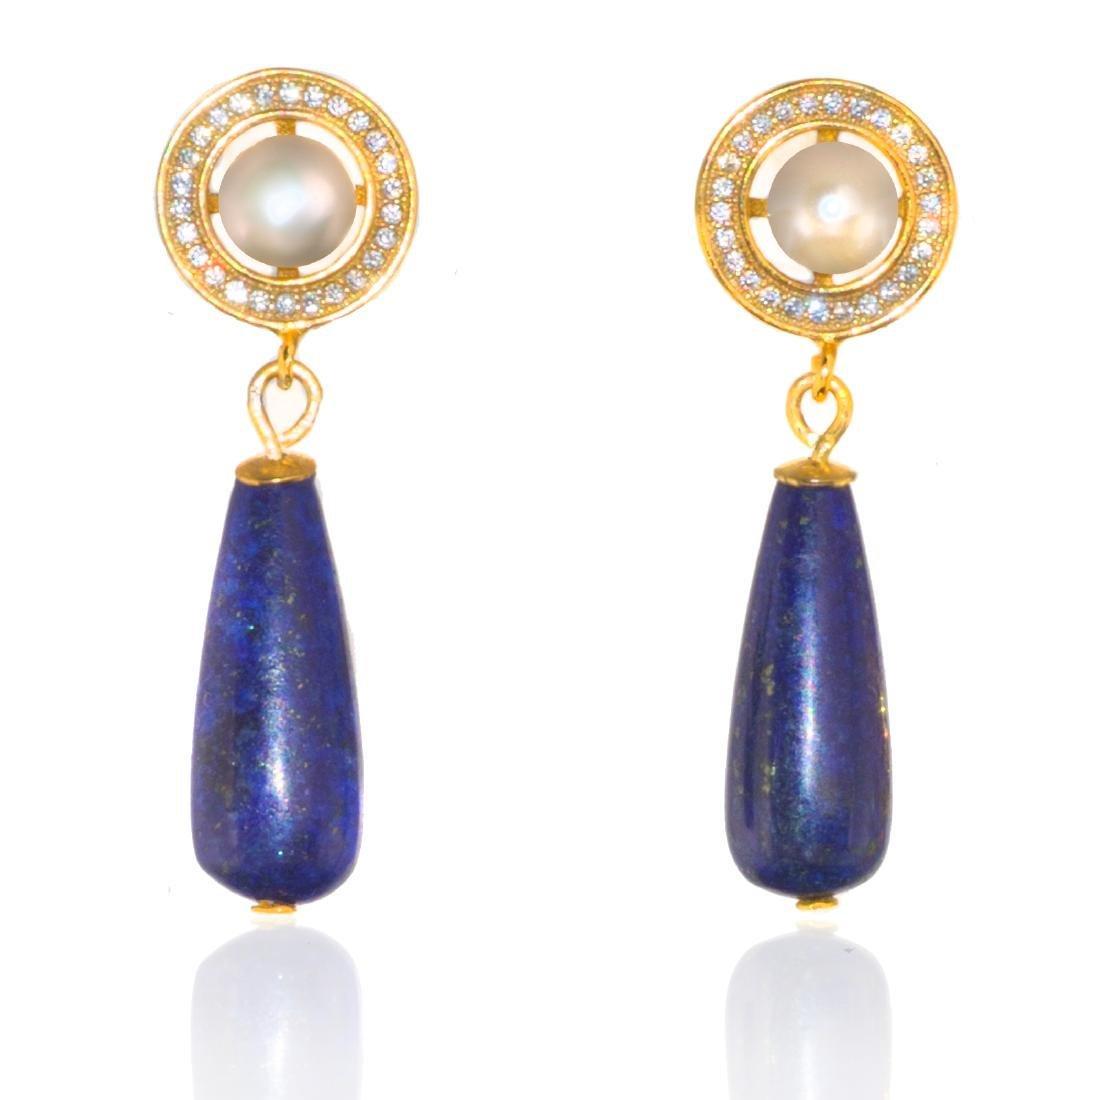 Afghan Lapis lazuli Earrings